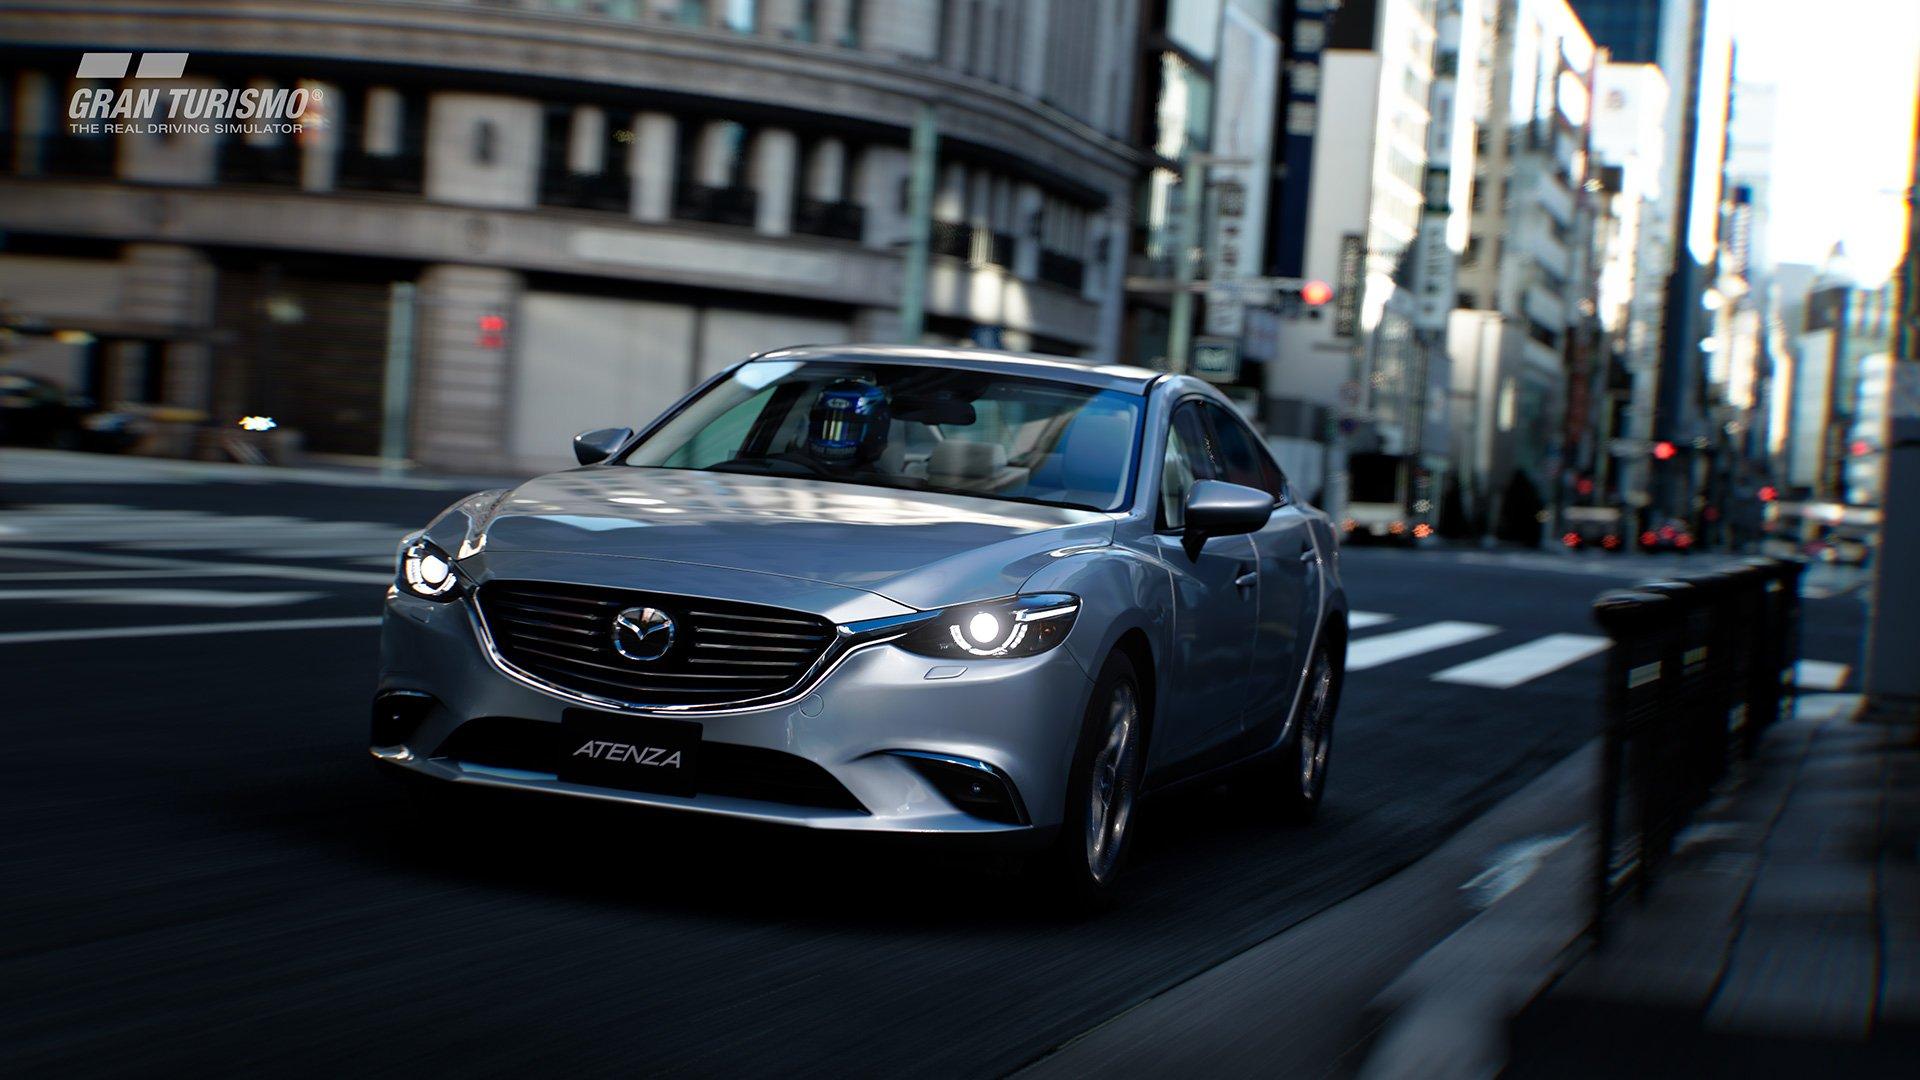 Gran Turismo Sport Mazda Atenza